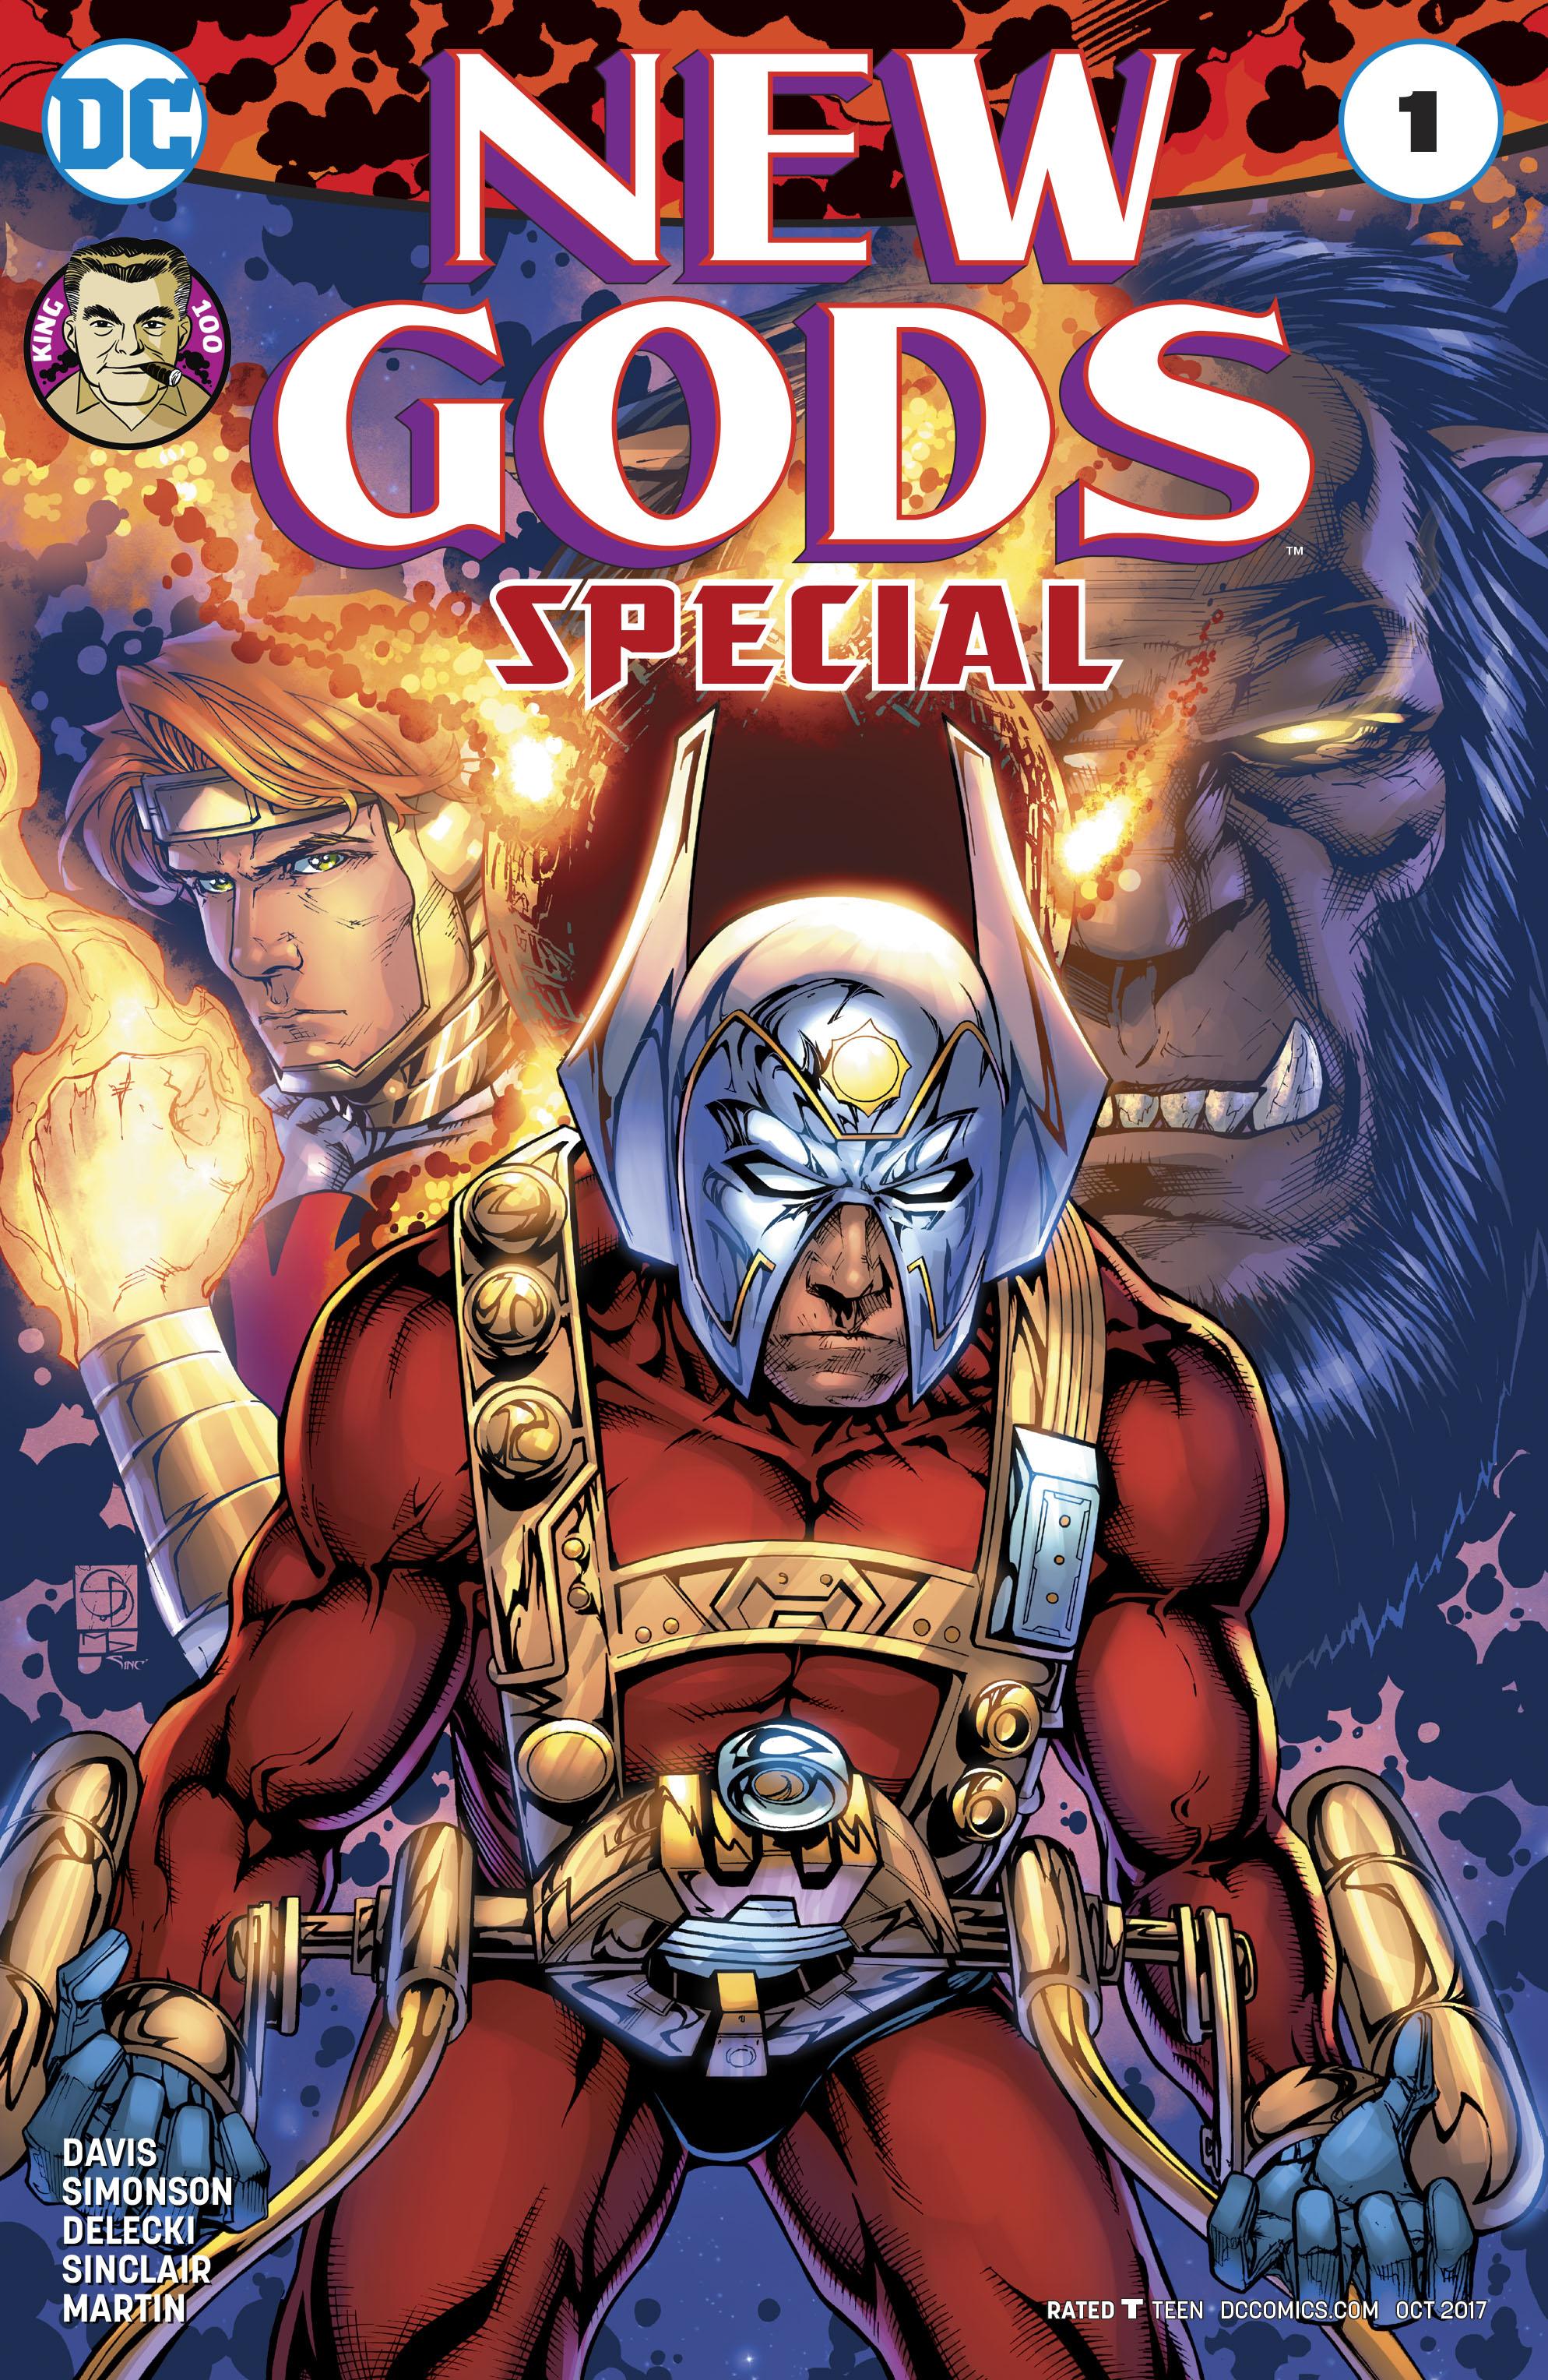 Shane David - New Gods Special cover